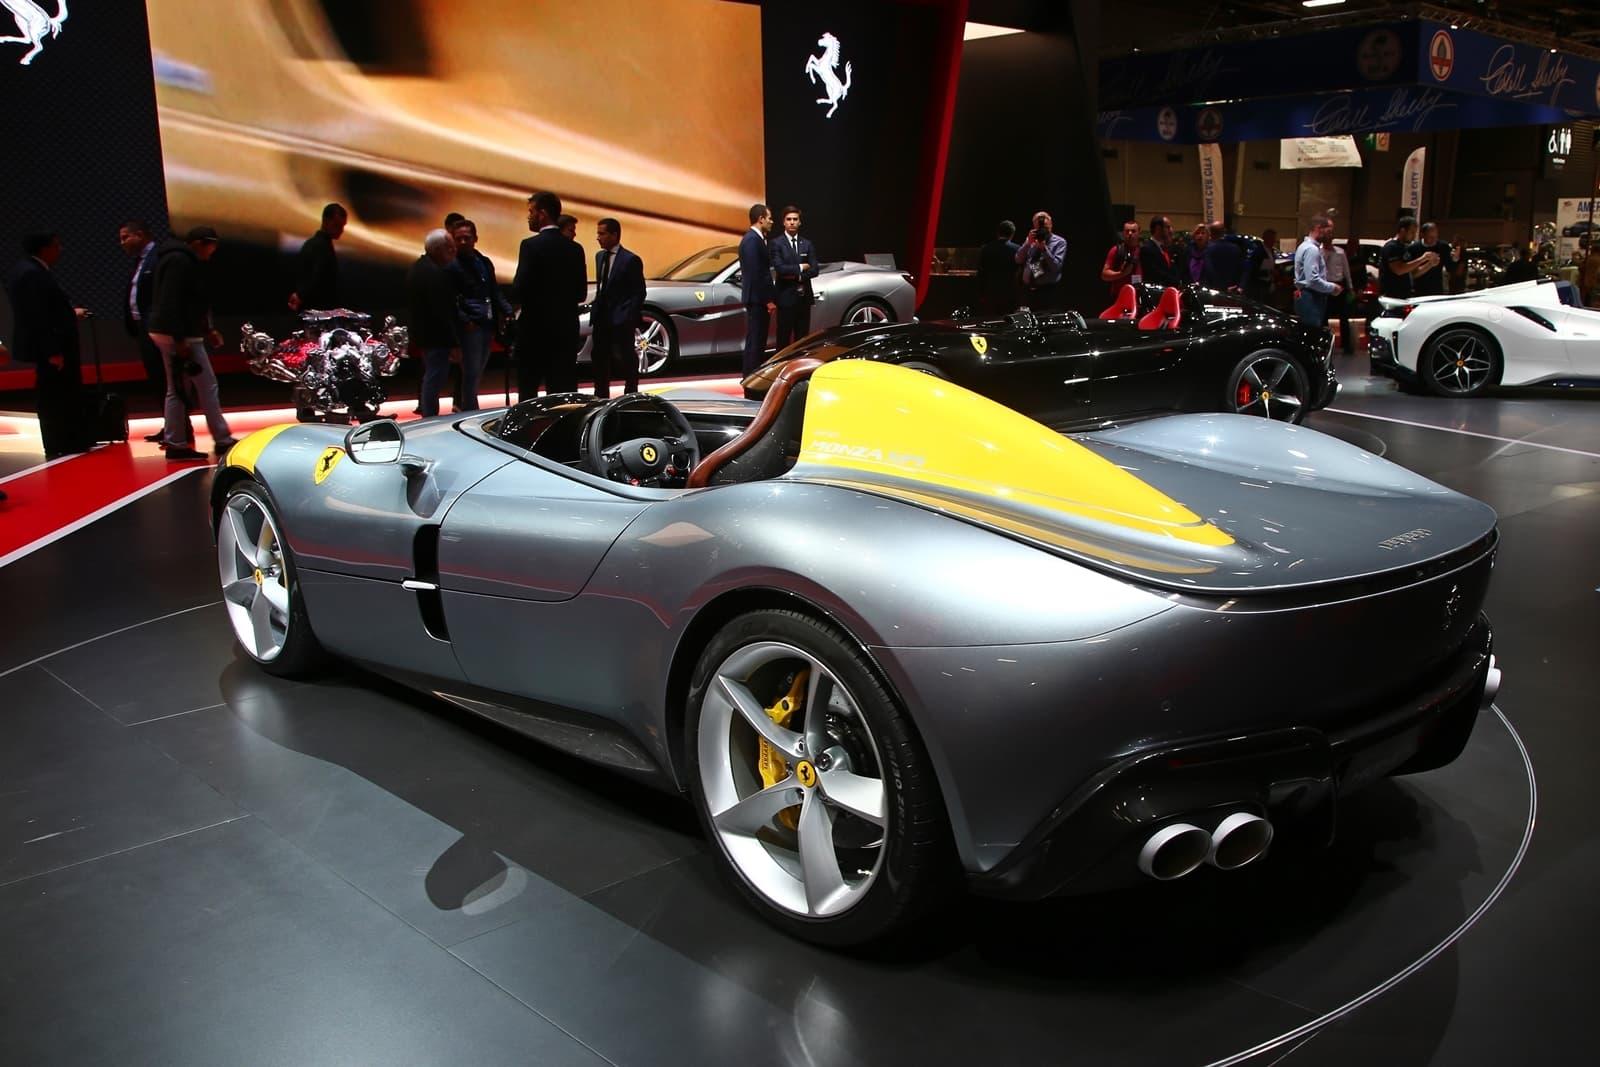 Ferrari Monza Sp1 Sp2 Paris 1018 005